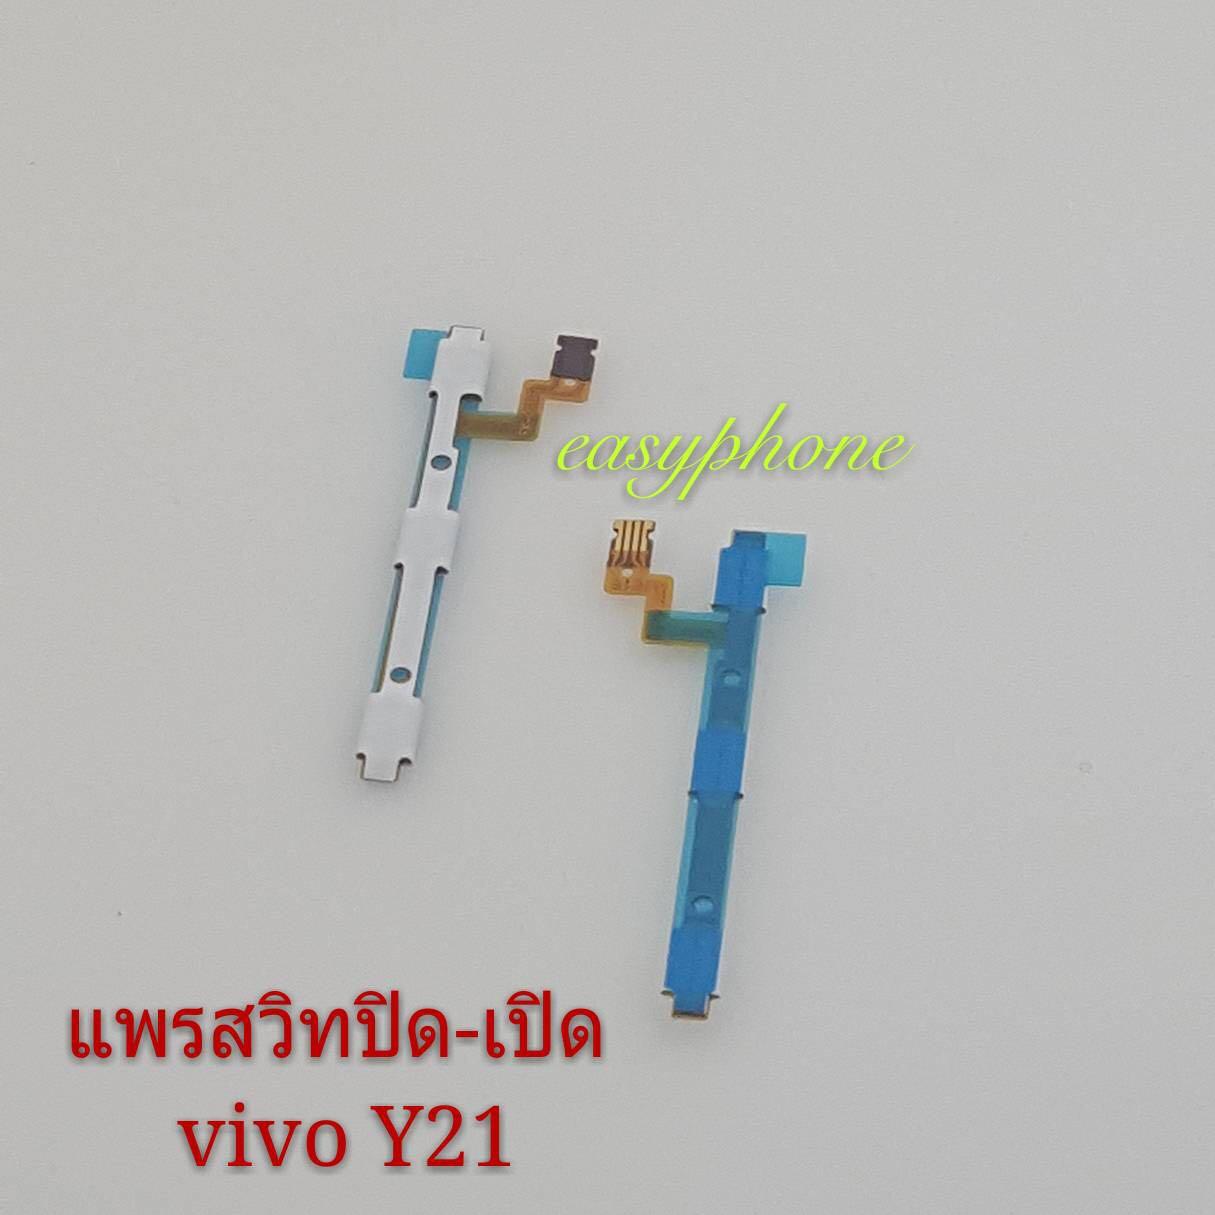 แพรสวีทปิด-เปิด vivo Y21